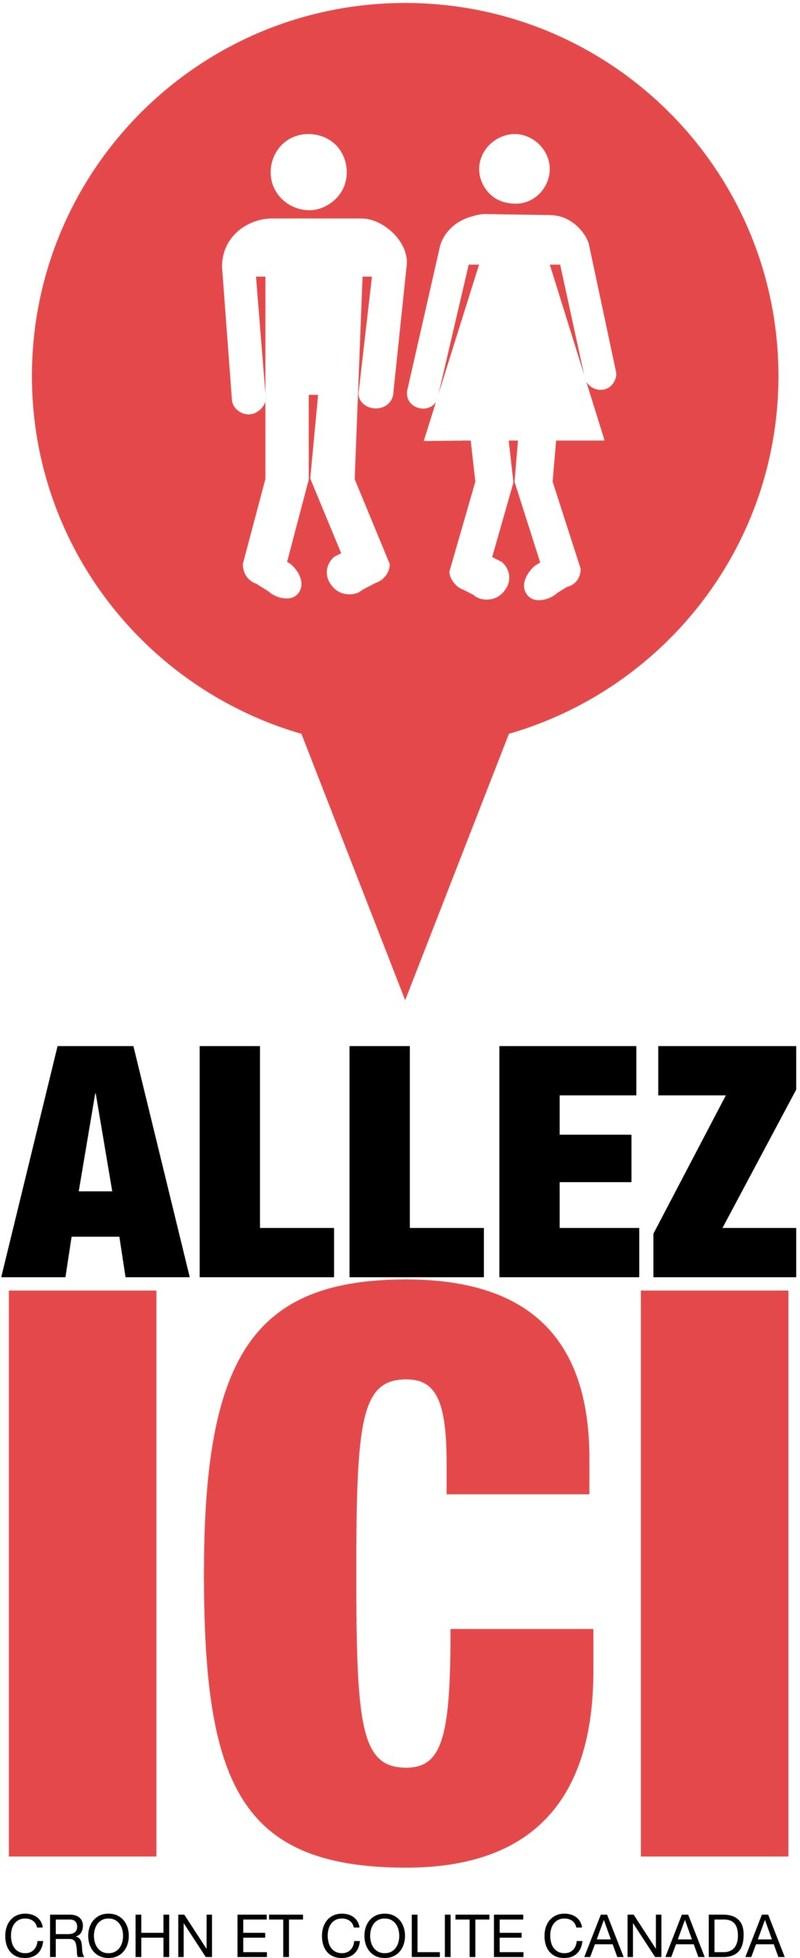 Le programme d'accès aux toilettes ALLEZ ICI, offert à l'échelle nationale, comprend une application mobile (Groupe CNW/Crohn's & Colitis Canada)